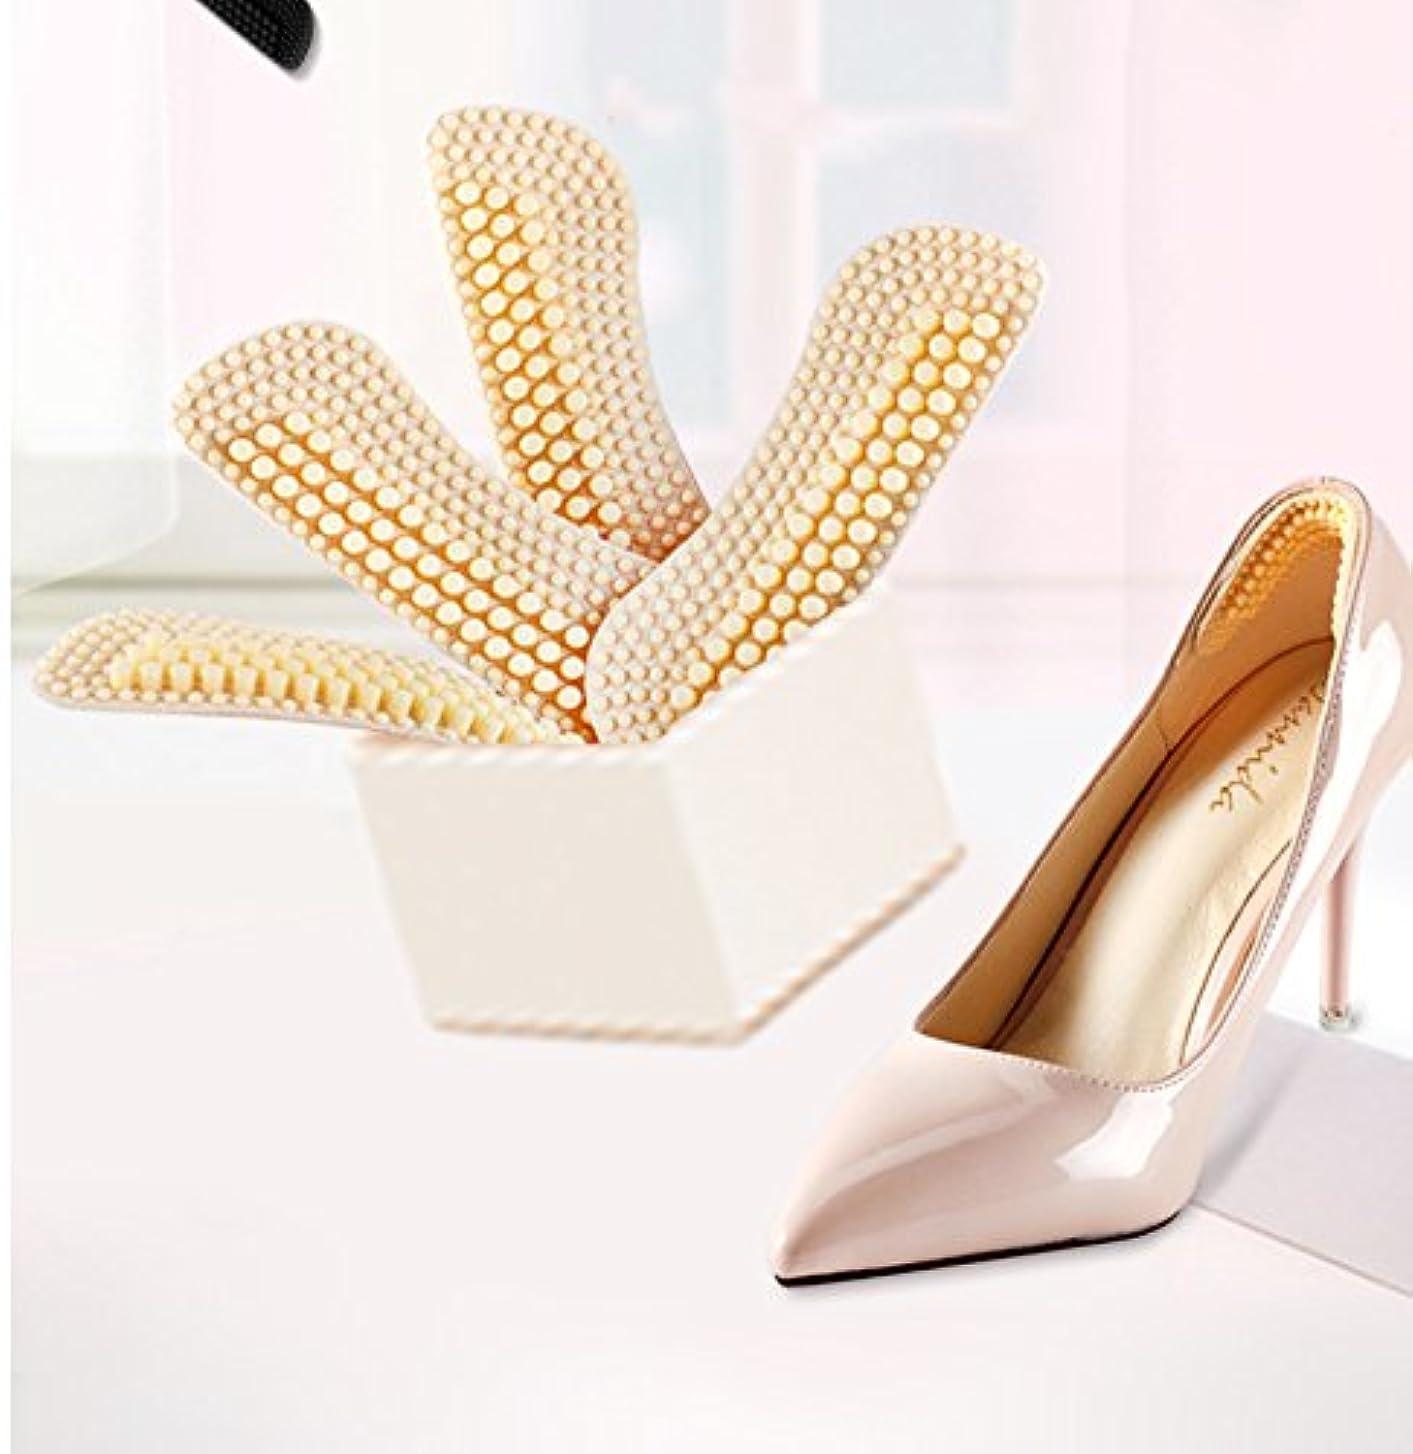 セントお手入れ魅惑するIKRR 靴擦れ防止パッド かかと滑り止め かかと調整パッド 4D かかとクッション 痛み軽減 パカパカ防止 滑り止め 靴のサイズ調整(2足セット4枚) シリコン 男女兼用